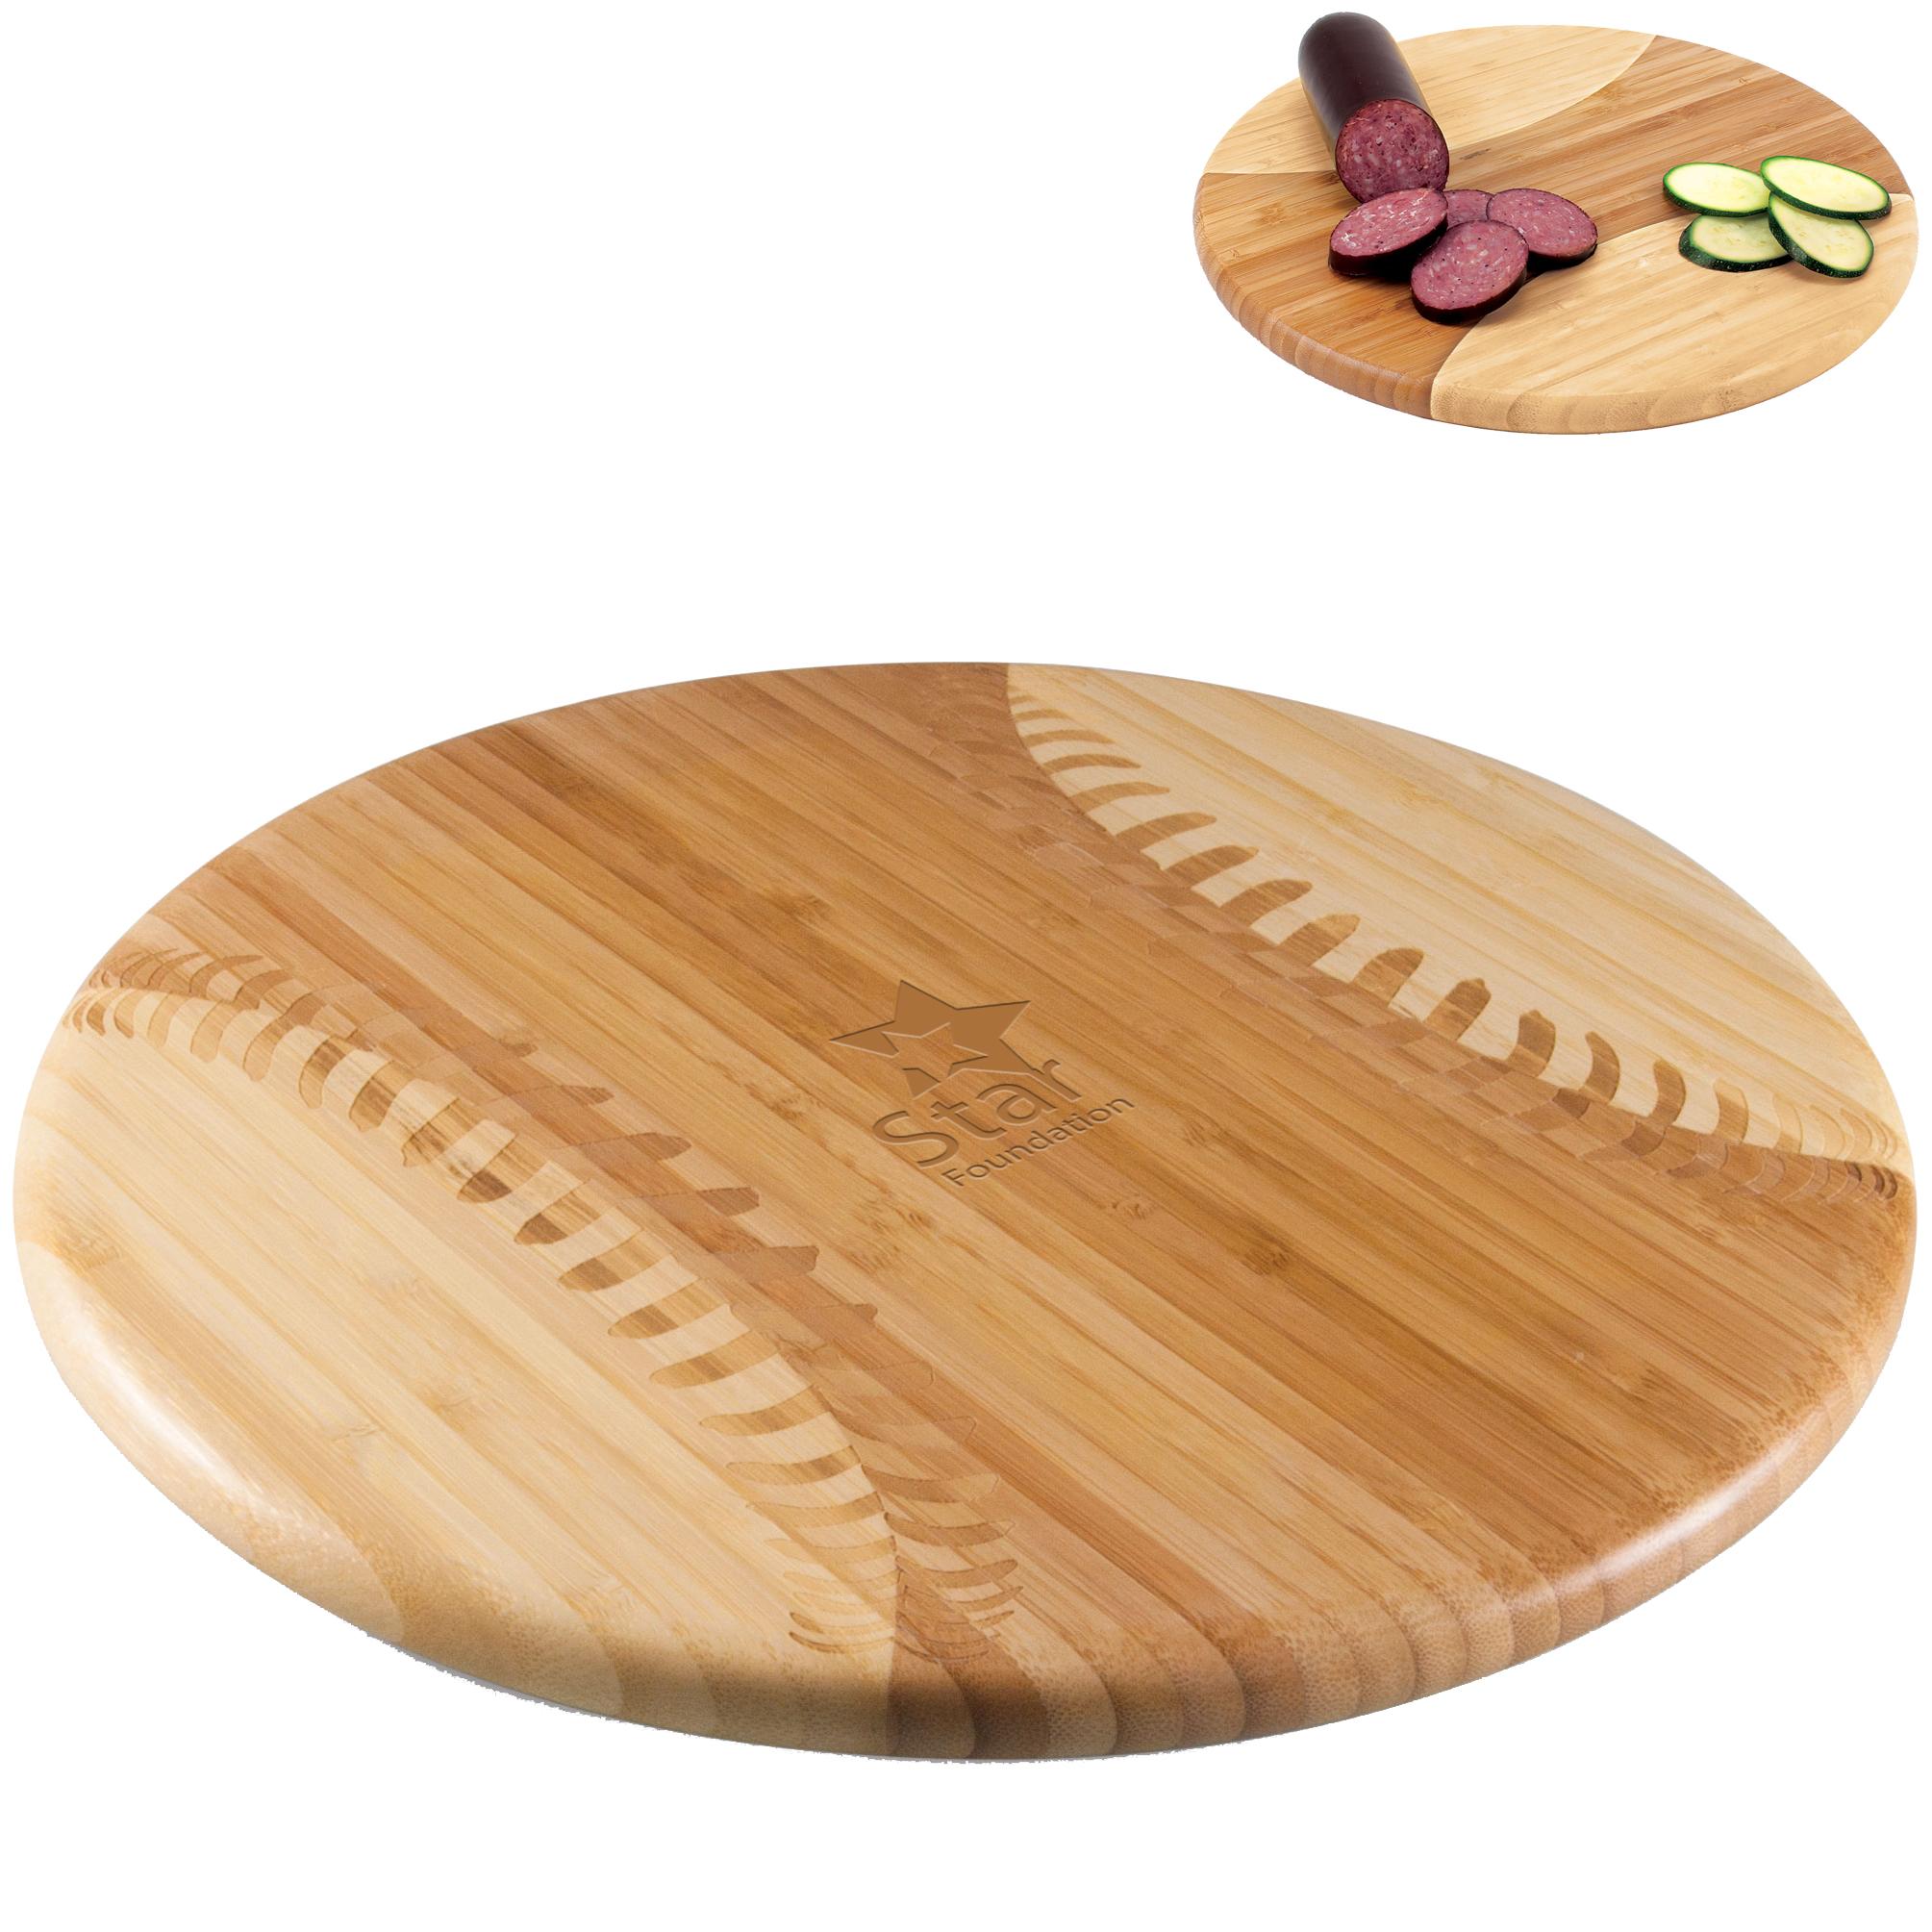 Baseball Bamboo Cutting Board